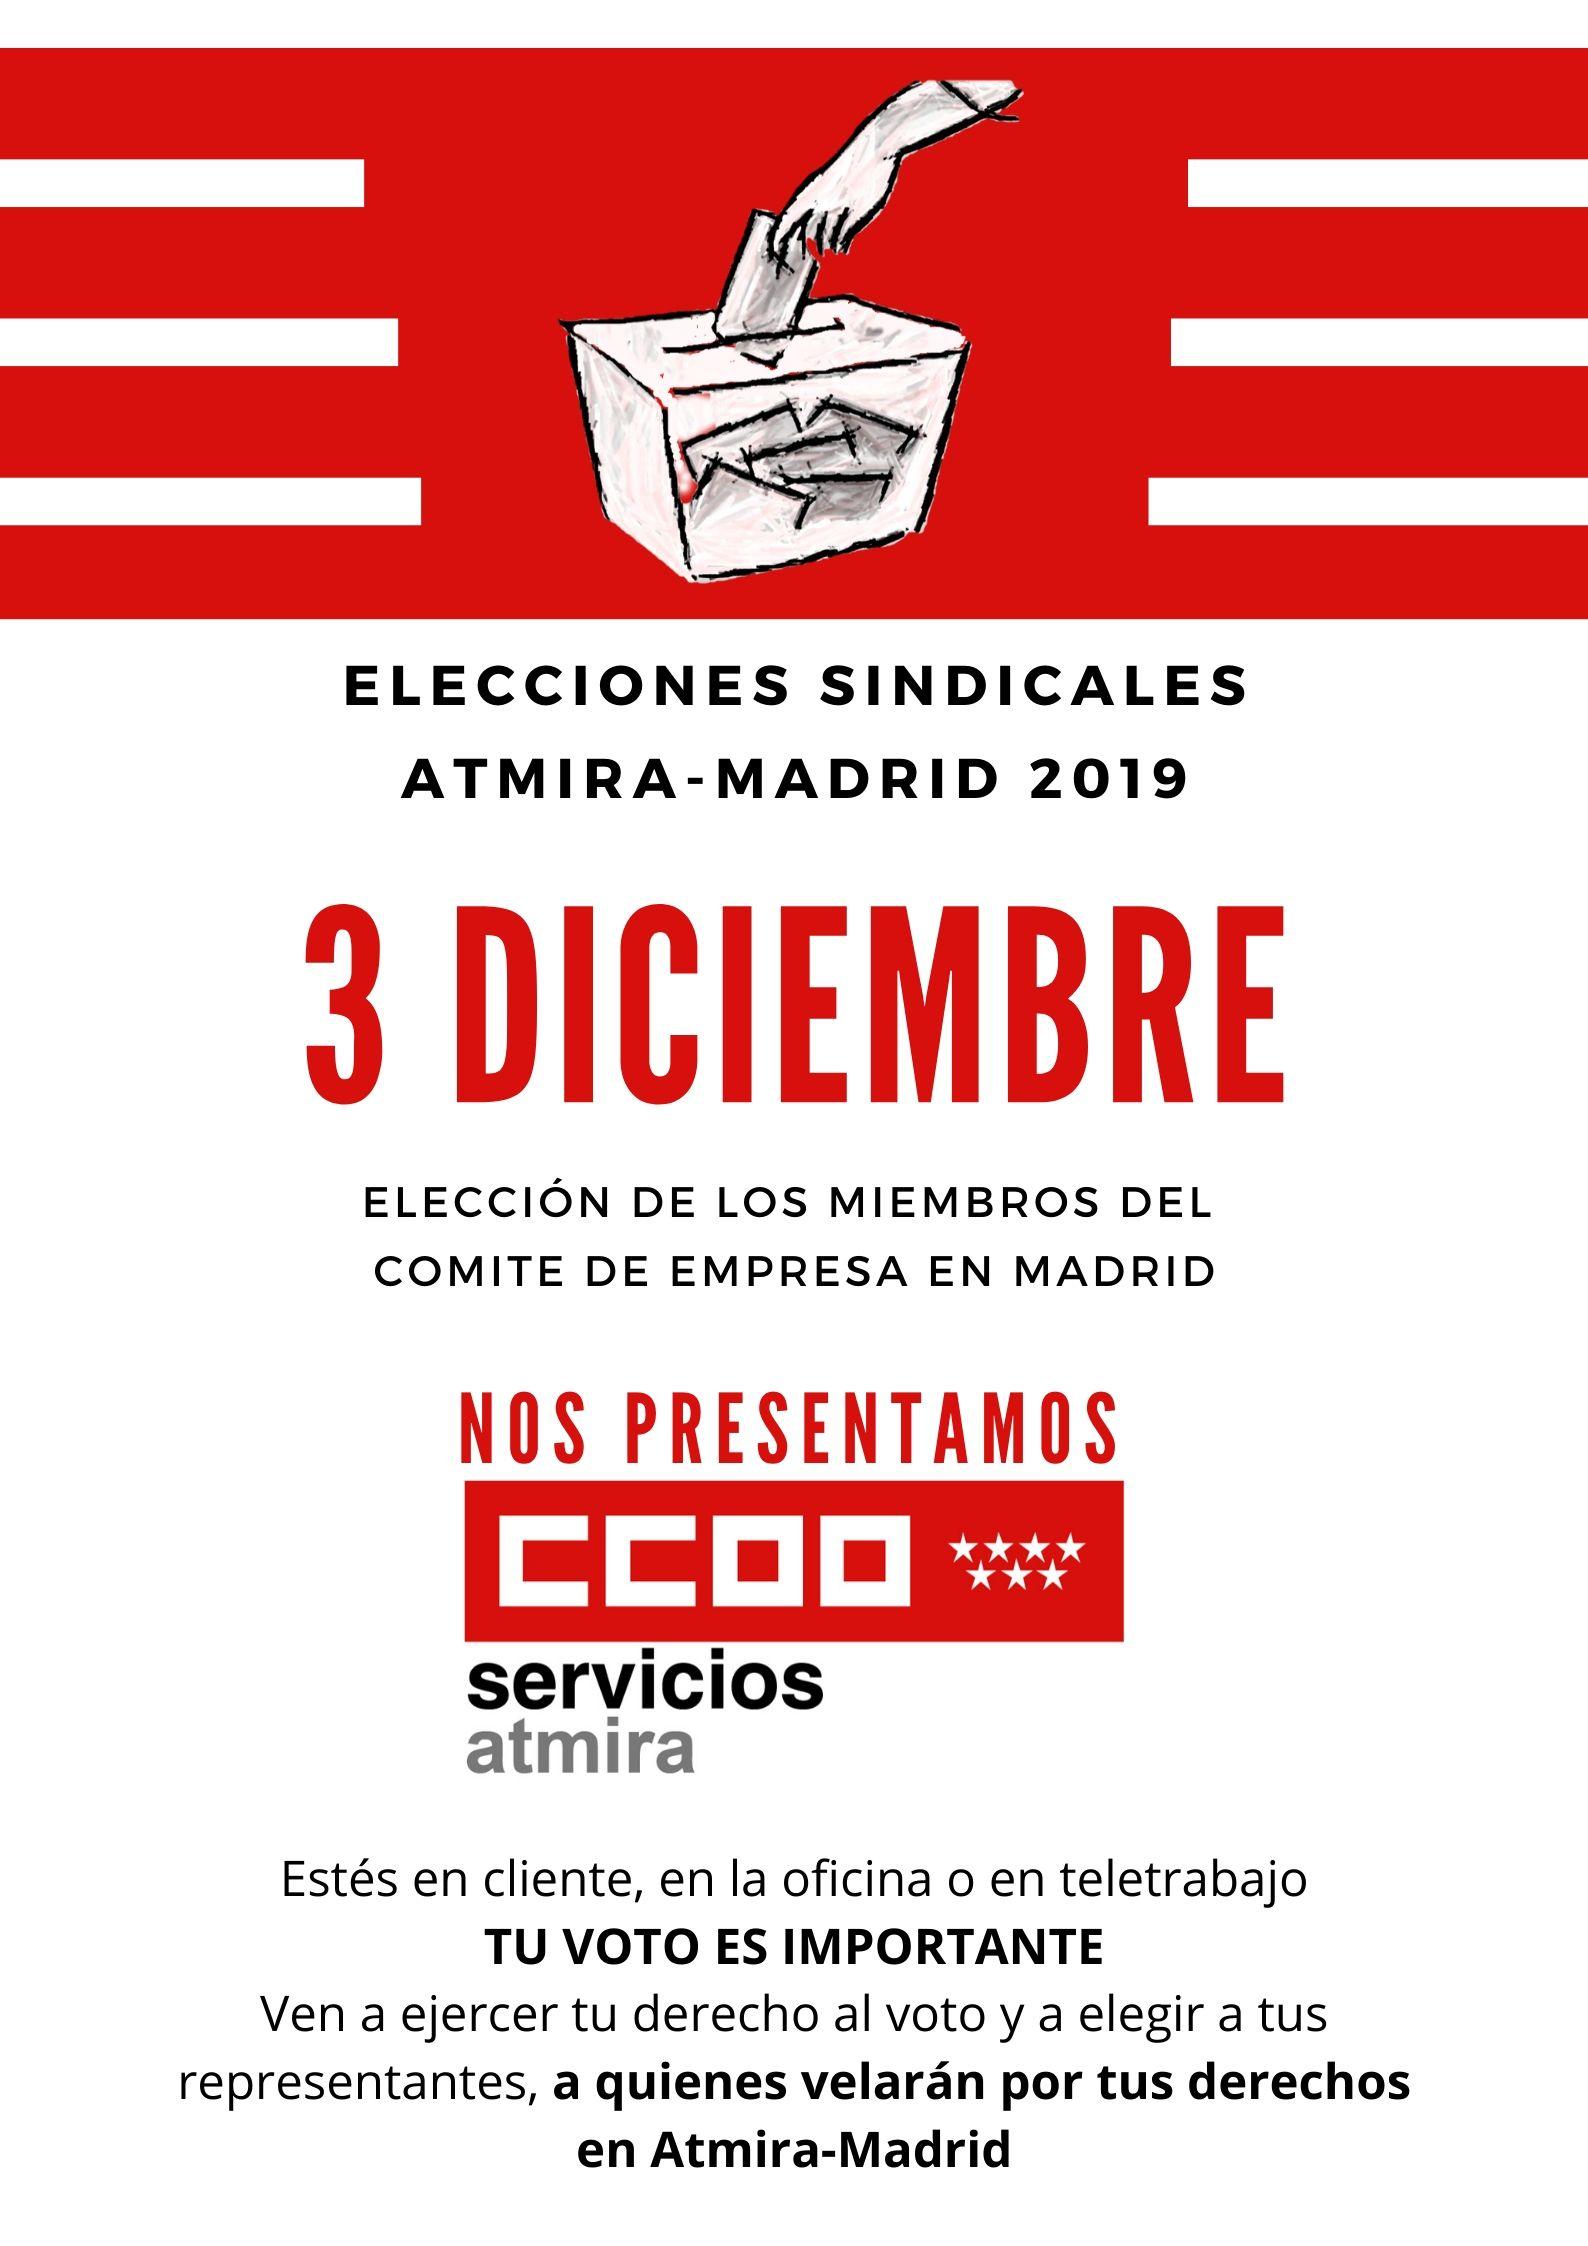 elecciones sindicales atmira-madrid 2019